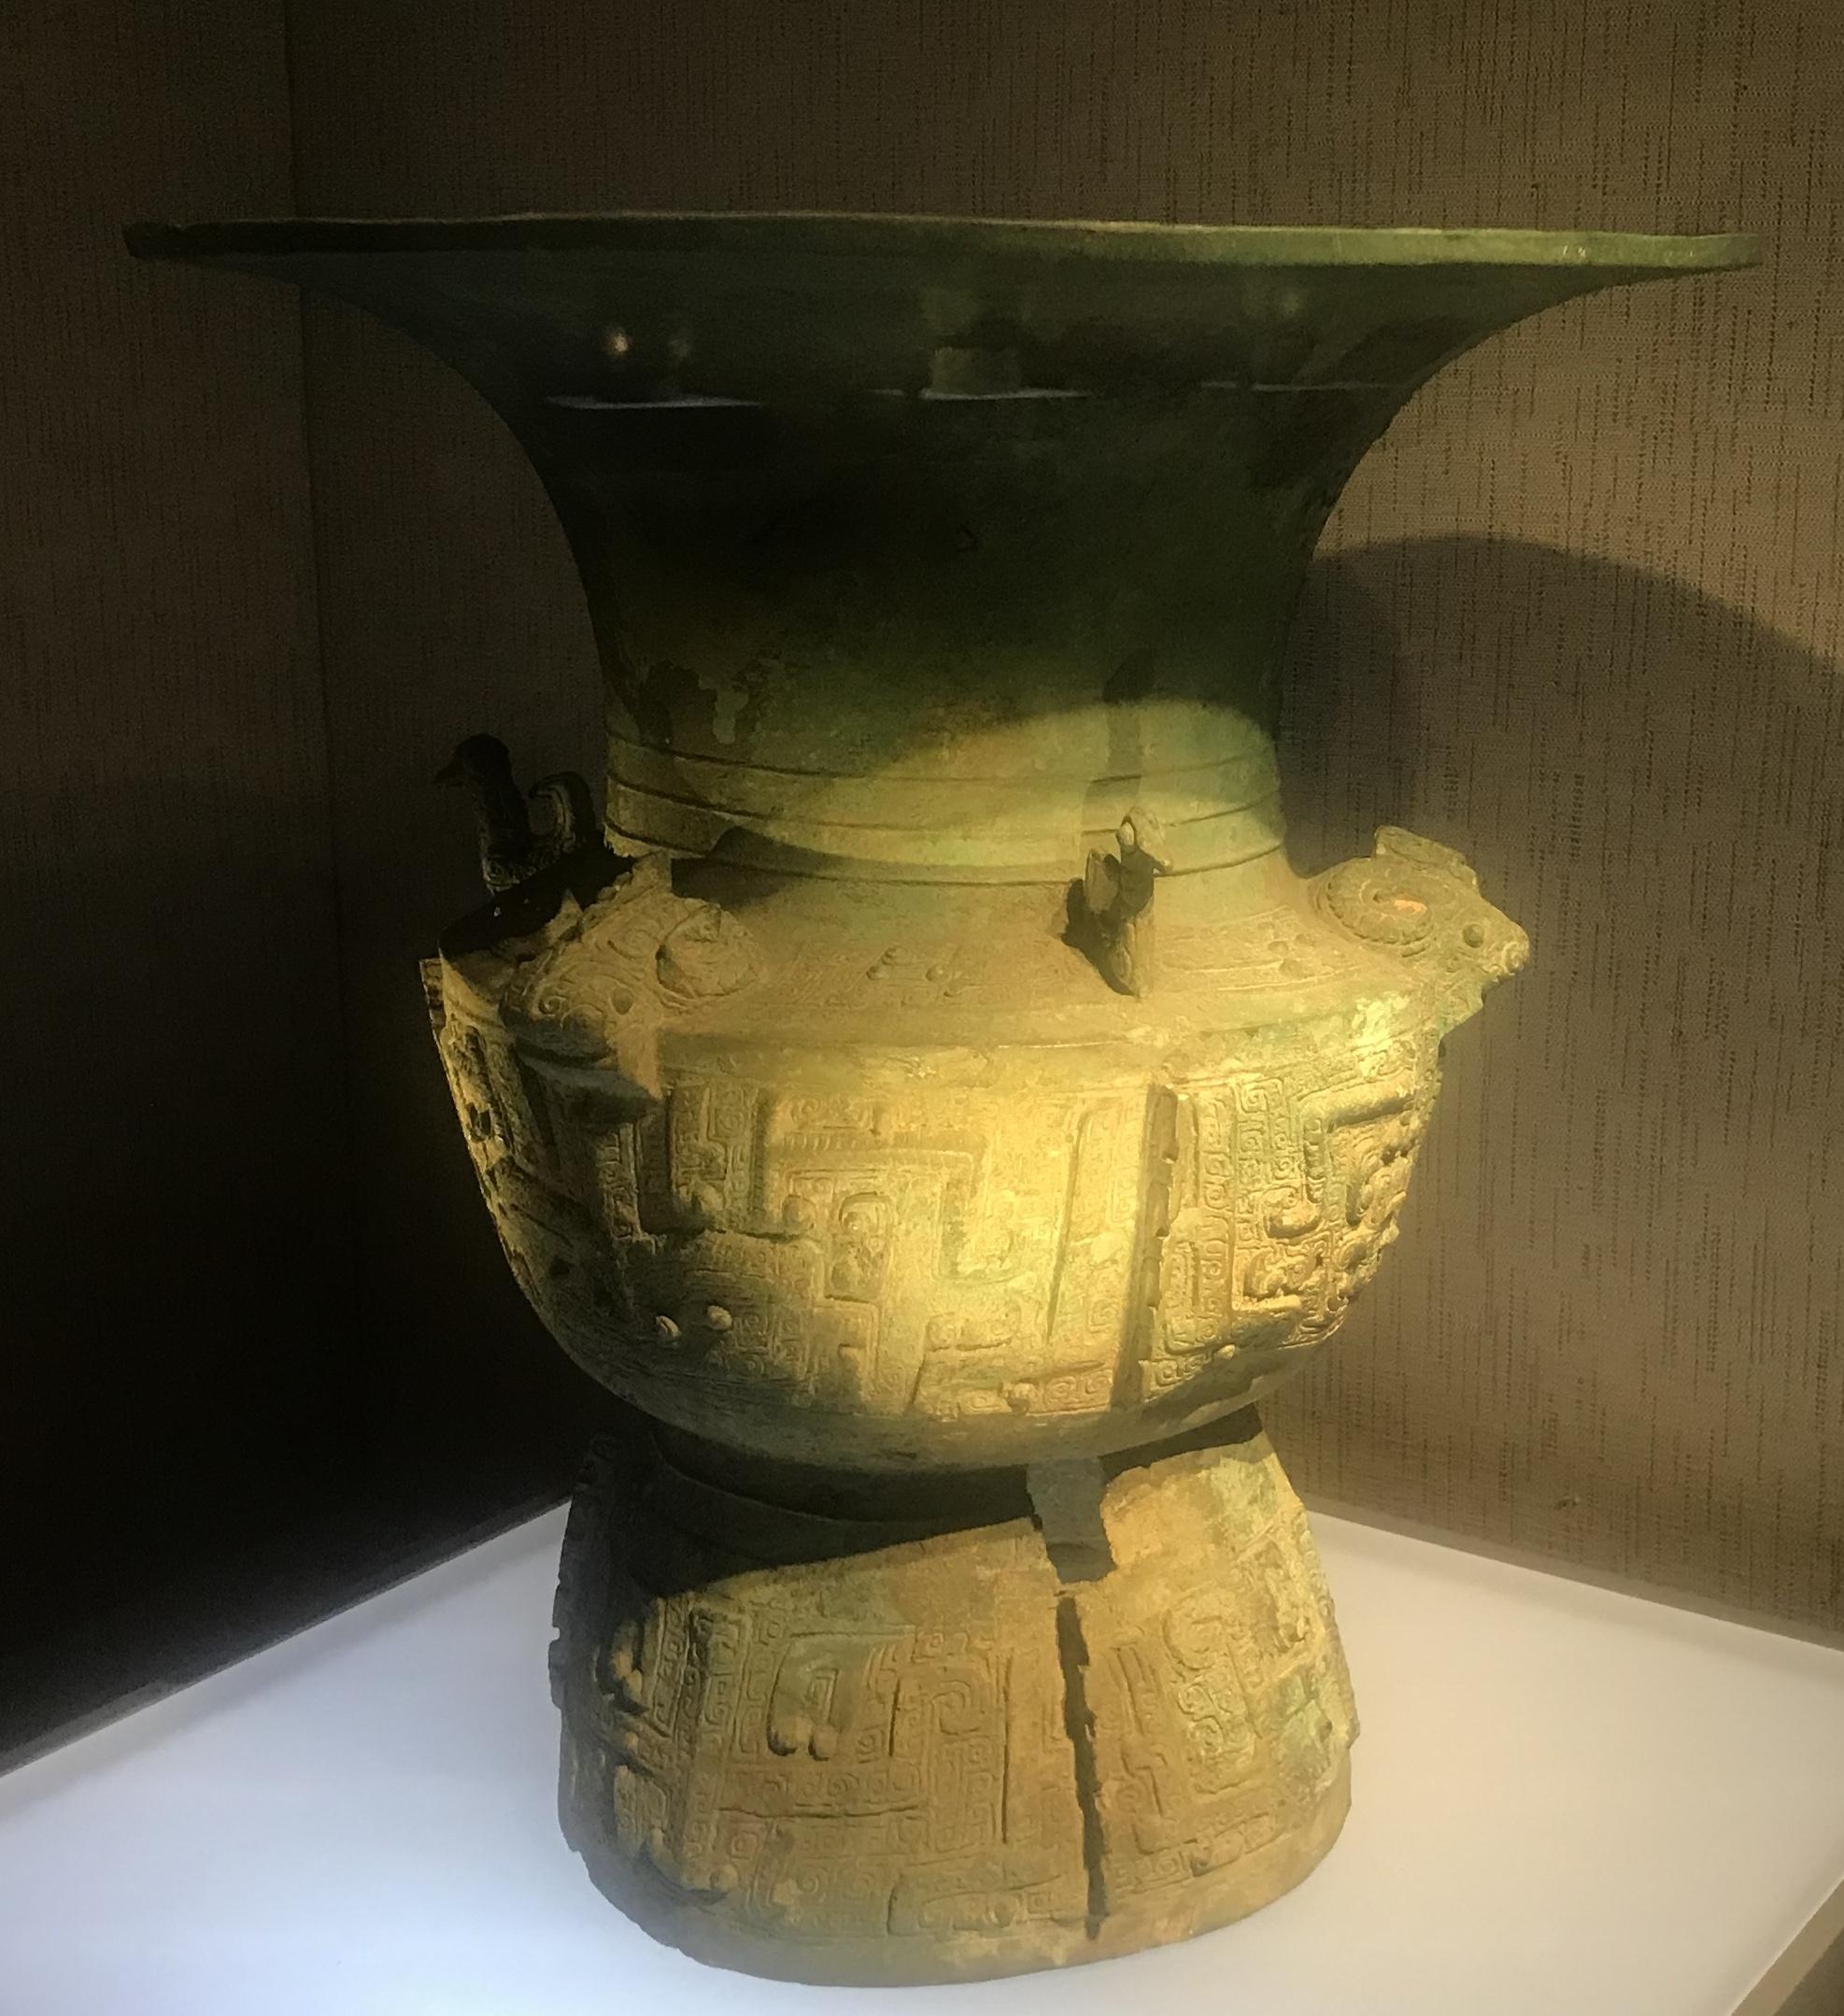 青銅尊(複製品)-青銅器館-三星堆博物館-広漢市-徳陽市-四川省